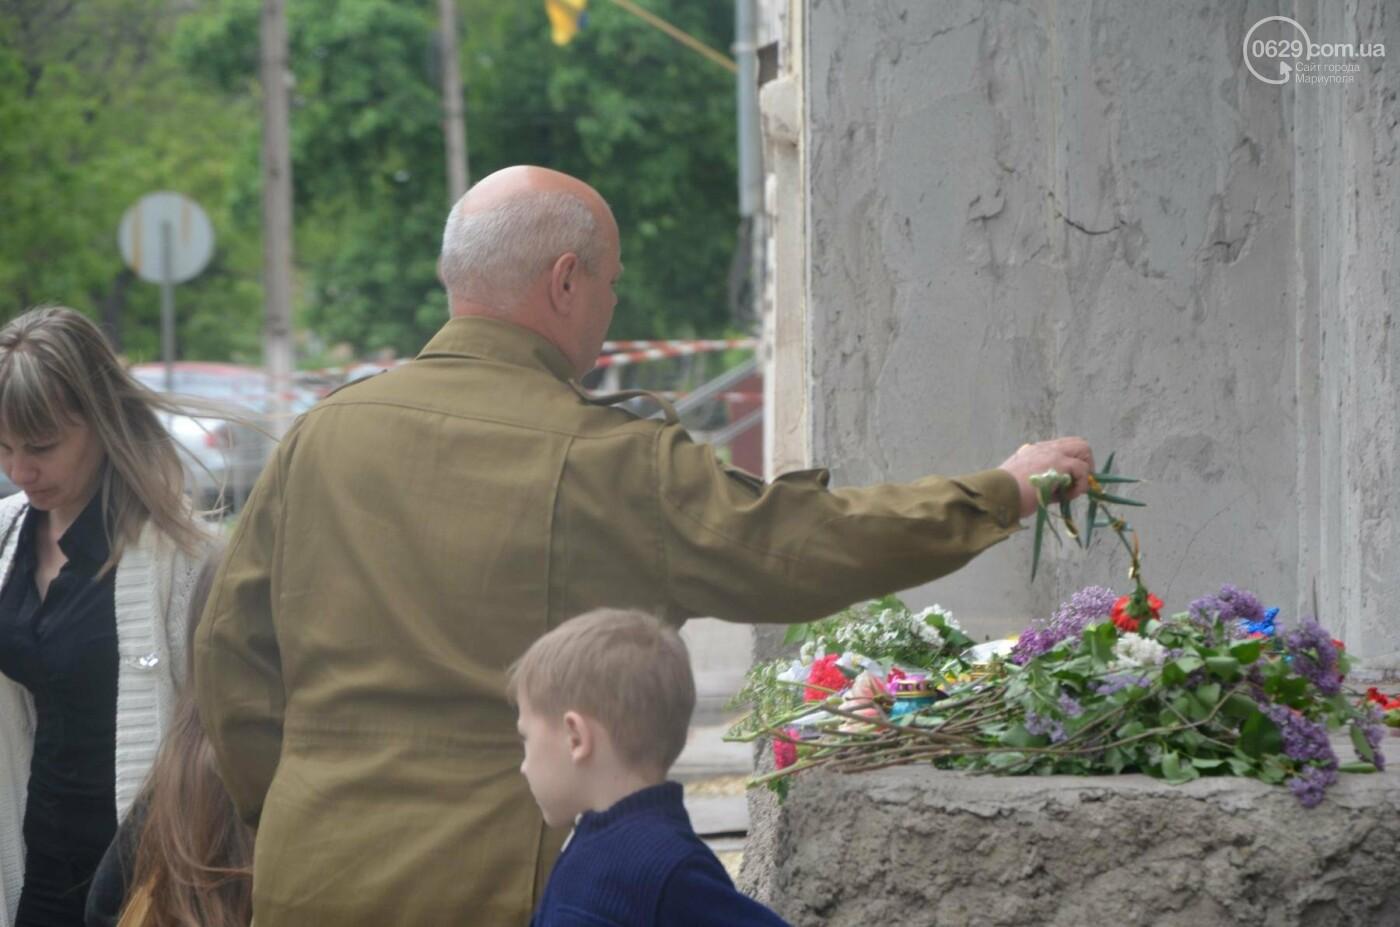 """""""Попалили людей, а теперь флаги вешаете!"""" Мариупольцы несут цветы к сгоревшему ГУВД, - ФОТОРЕПОРТАЖ+ВИДЕО, фото-8"""